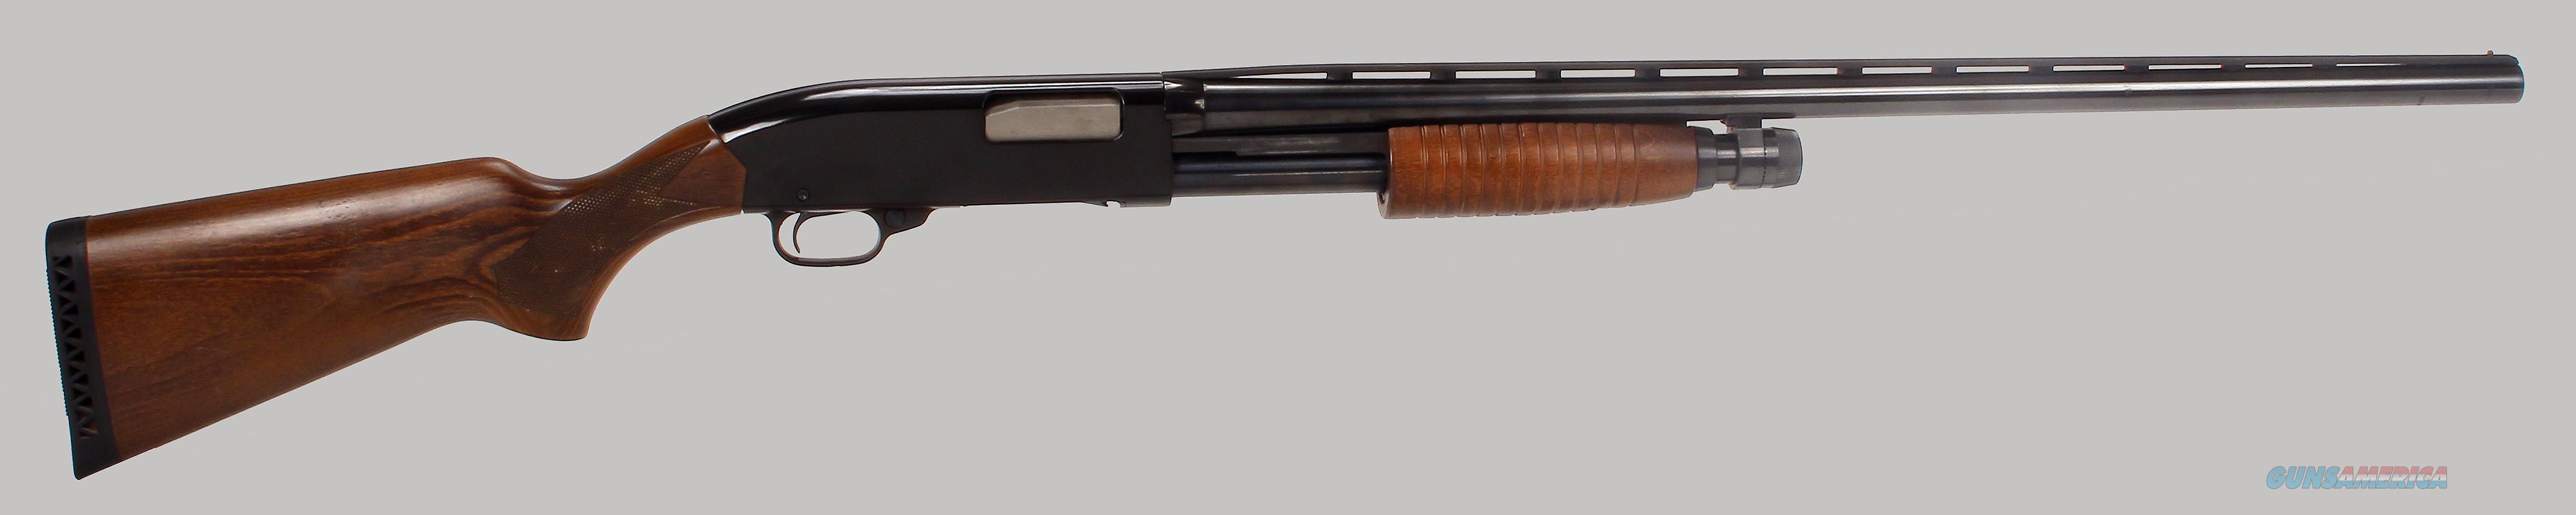 Winchester 12ga Pump Shotgun Model 120  Guns > Shotguns > Winchester Shotguns - Modern > Pump Action > Hunting